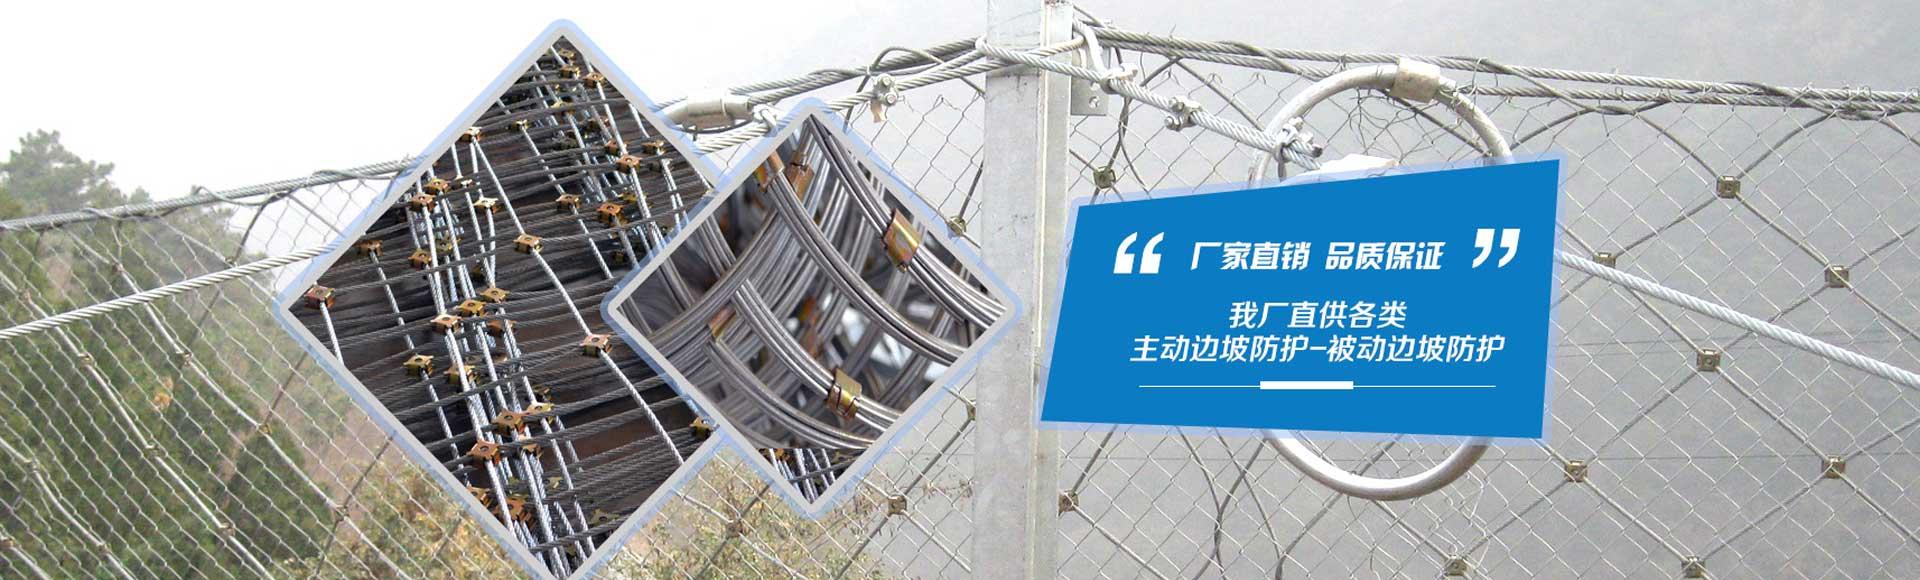 河北防护网厂家